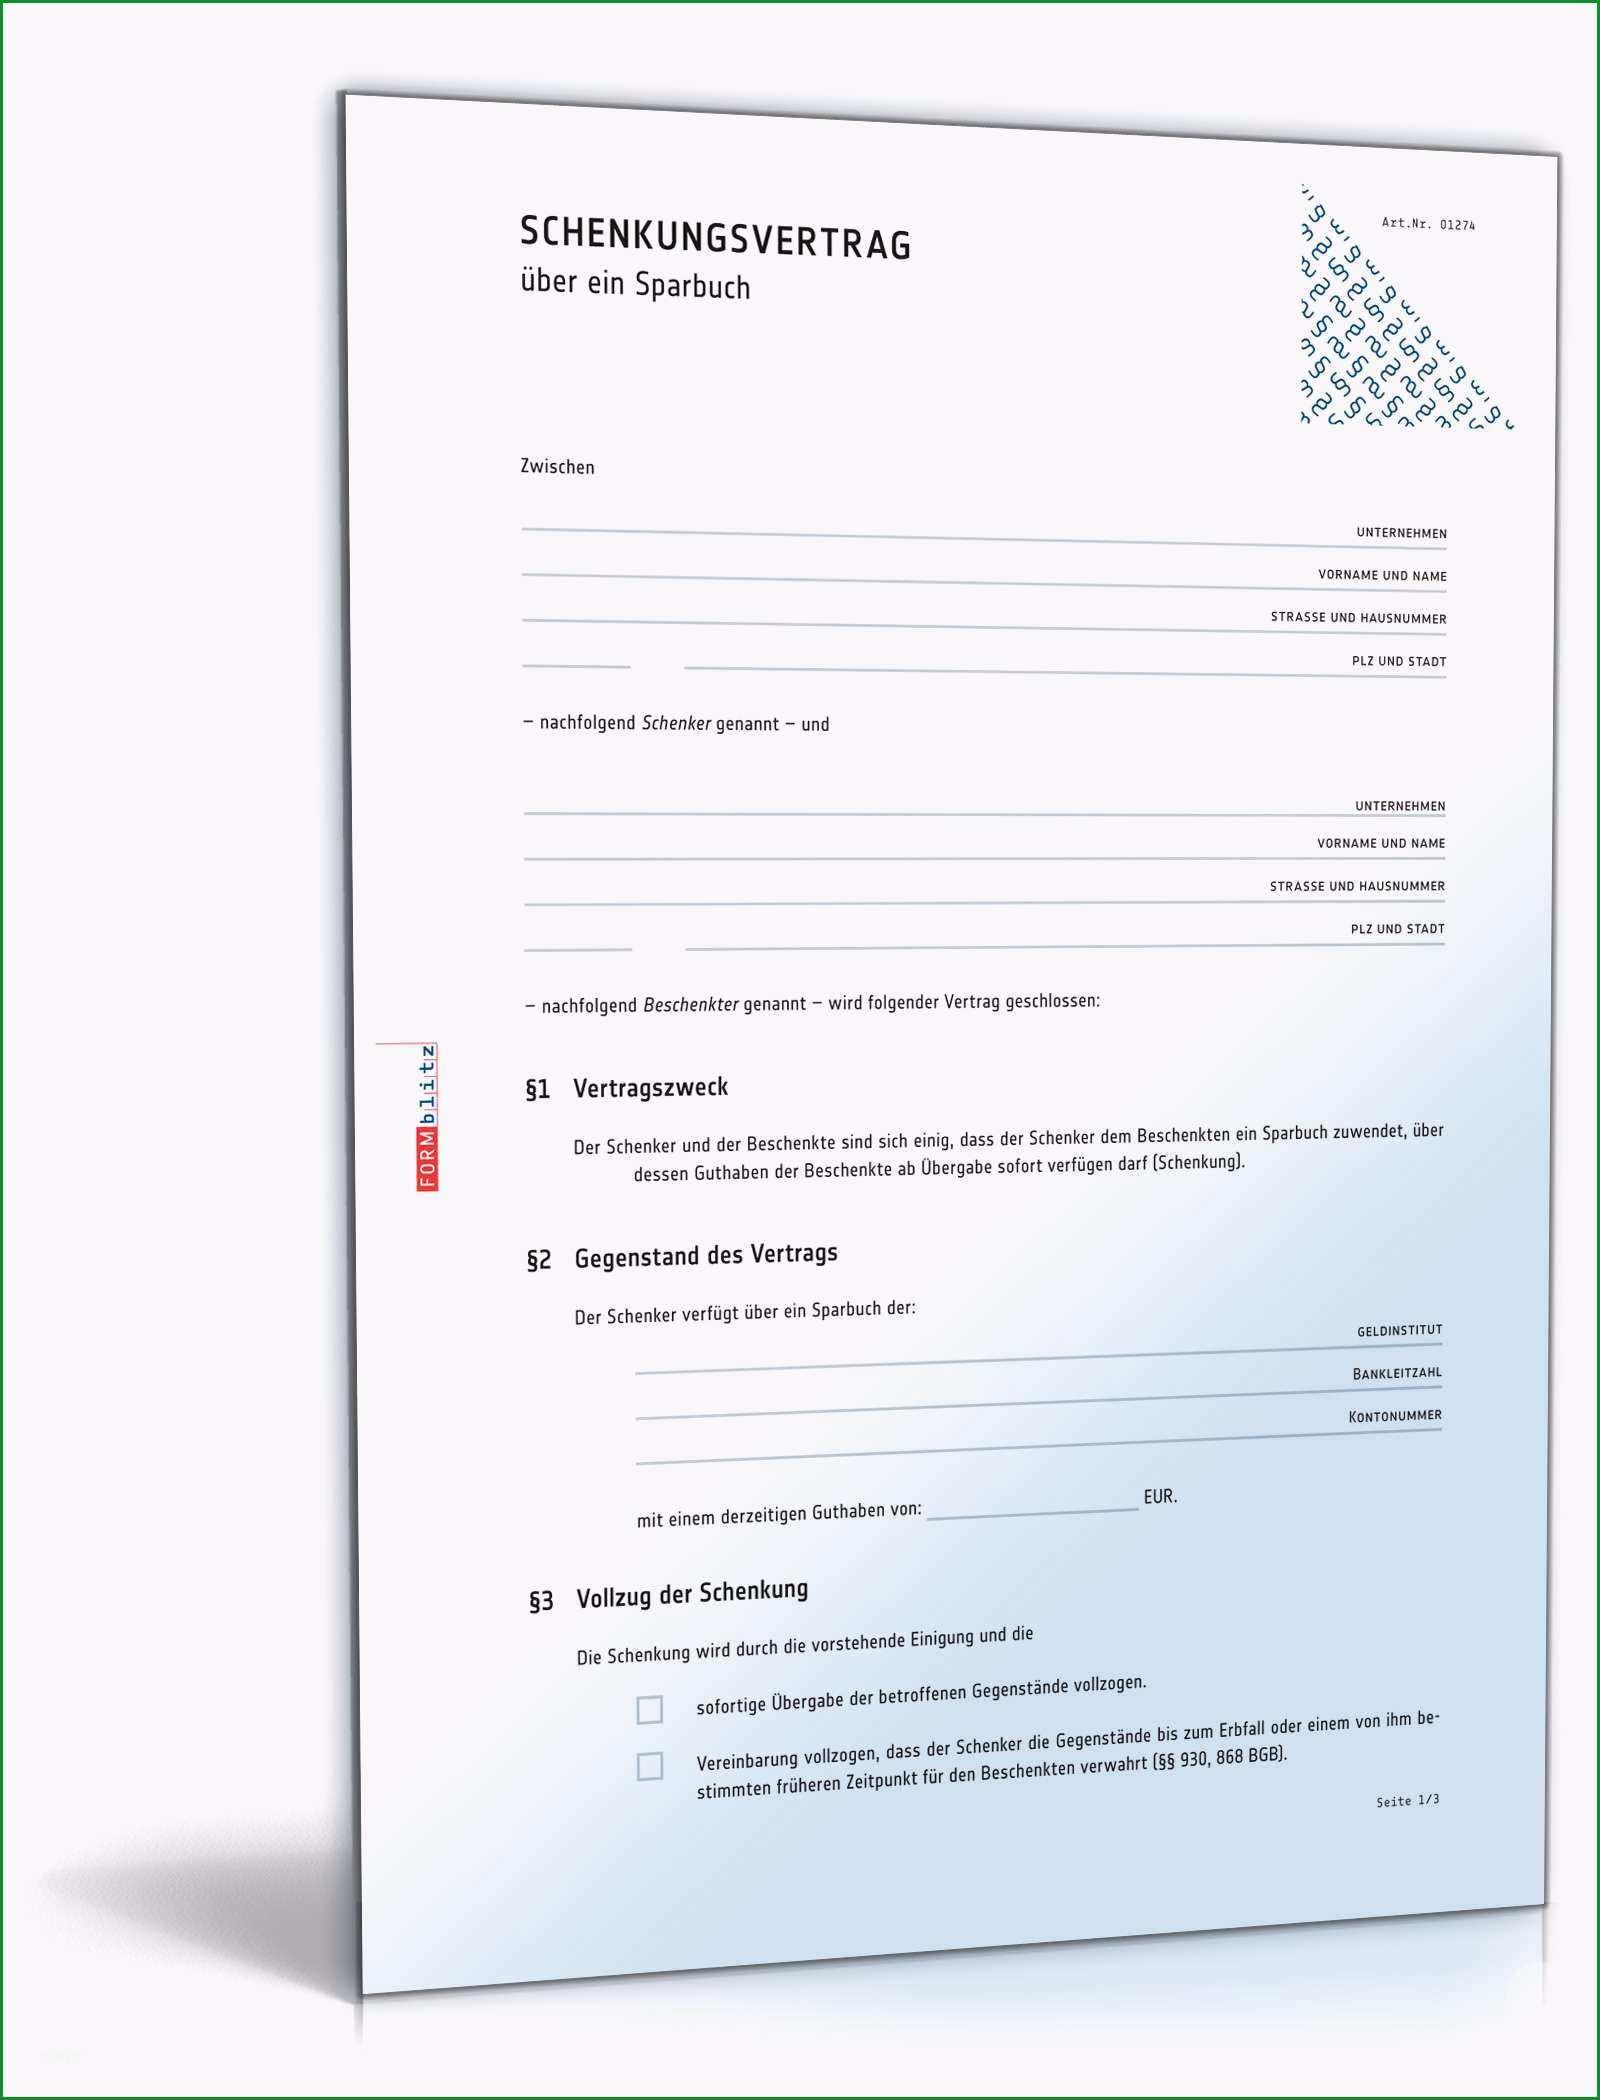 schenkungsvertrag sparbuch